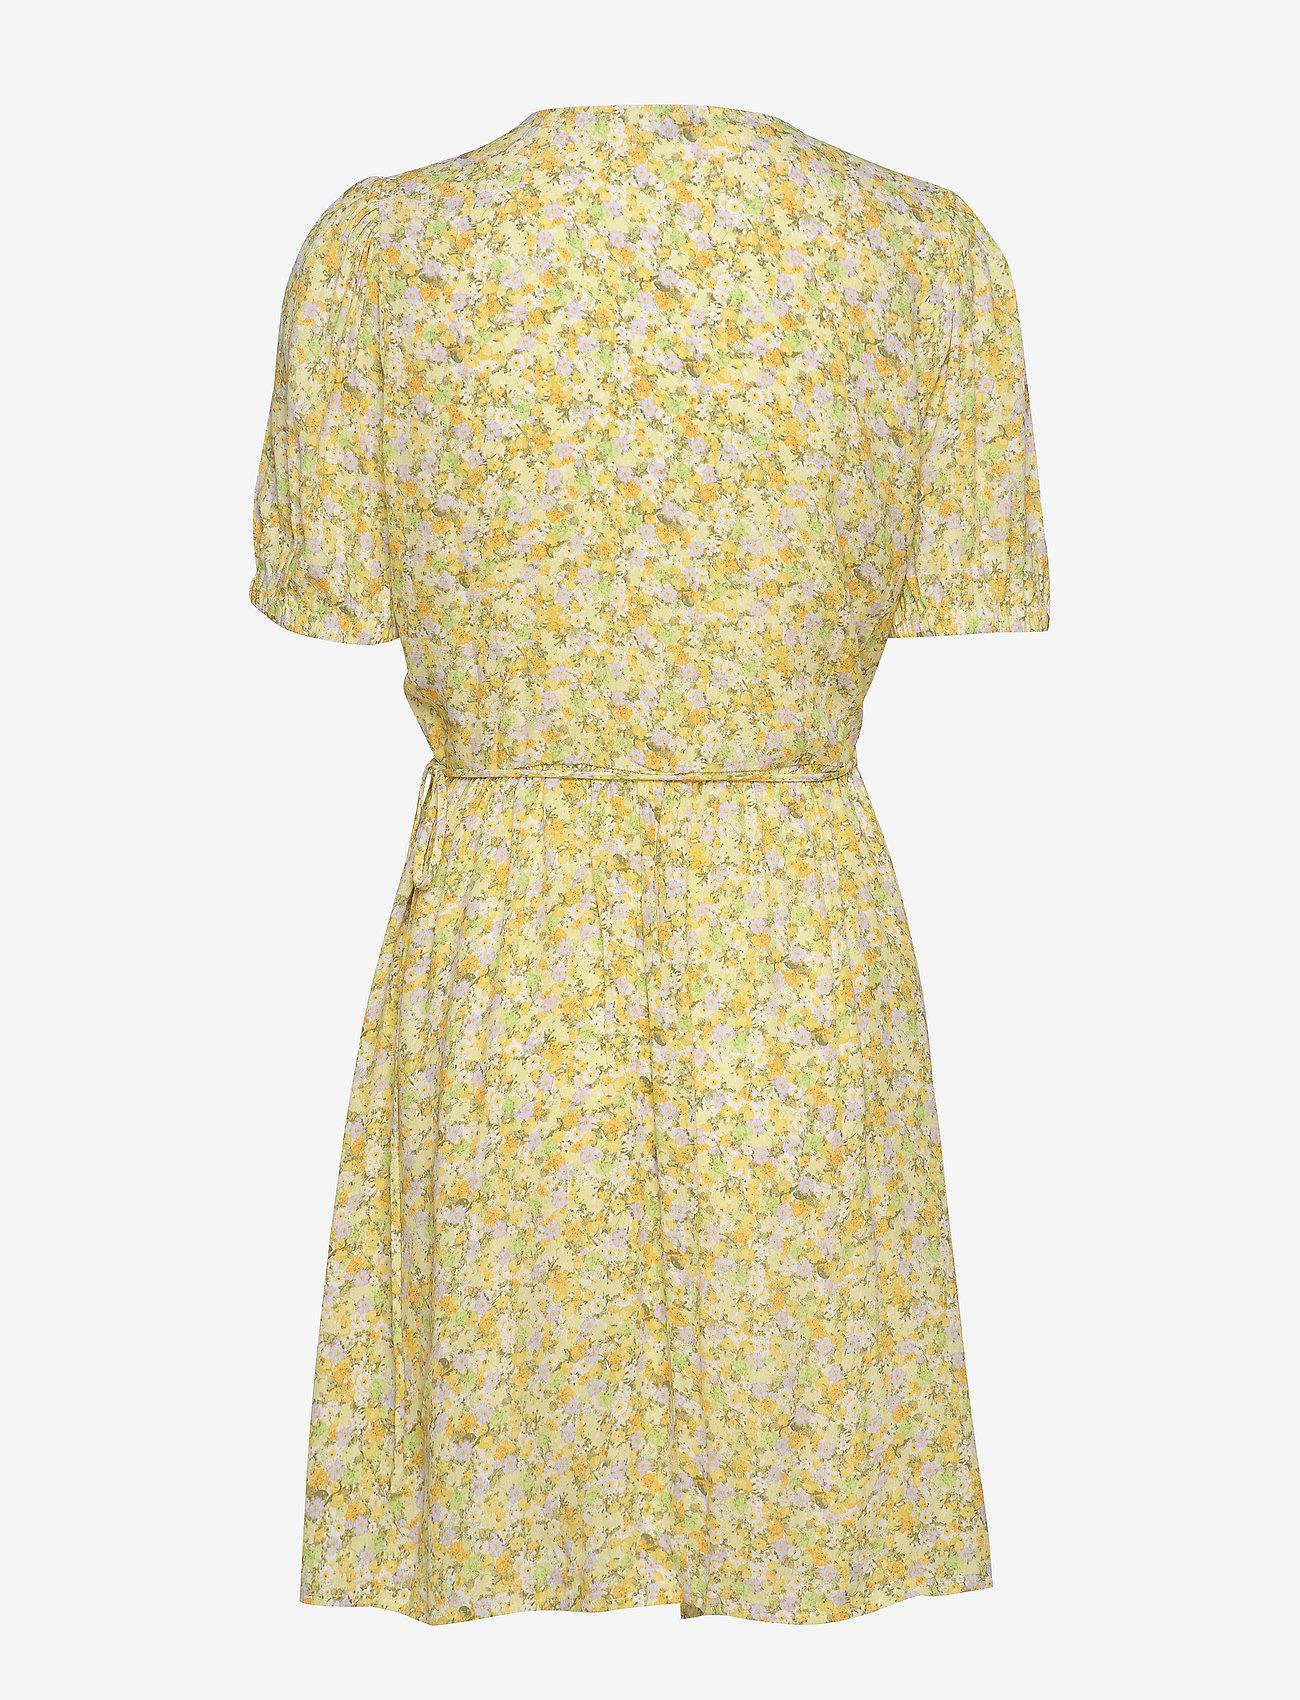 Encornelia Ss Dress Aop 6696 (Wateredge Flower) (532.50 kr) - Envii